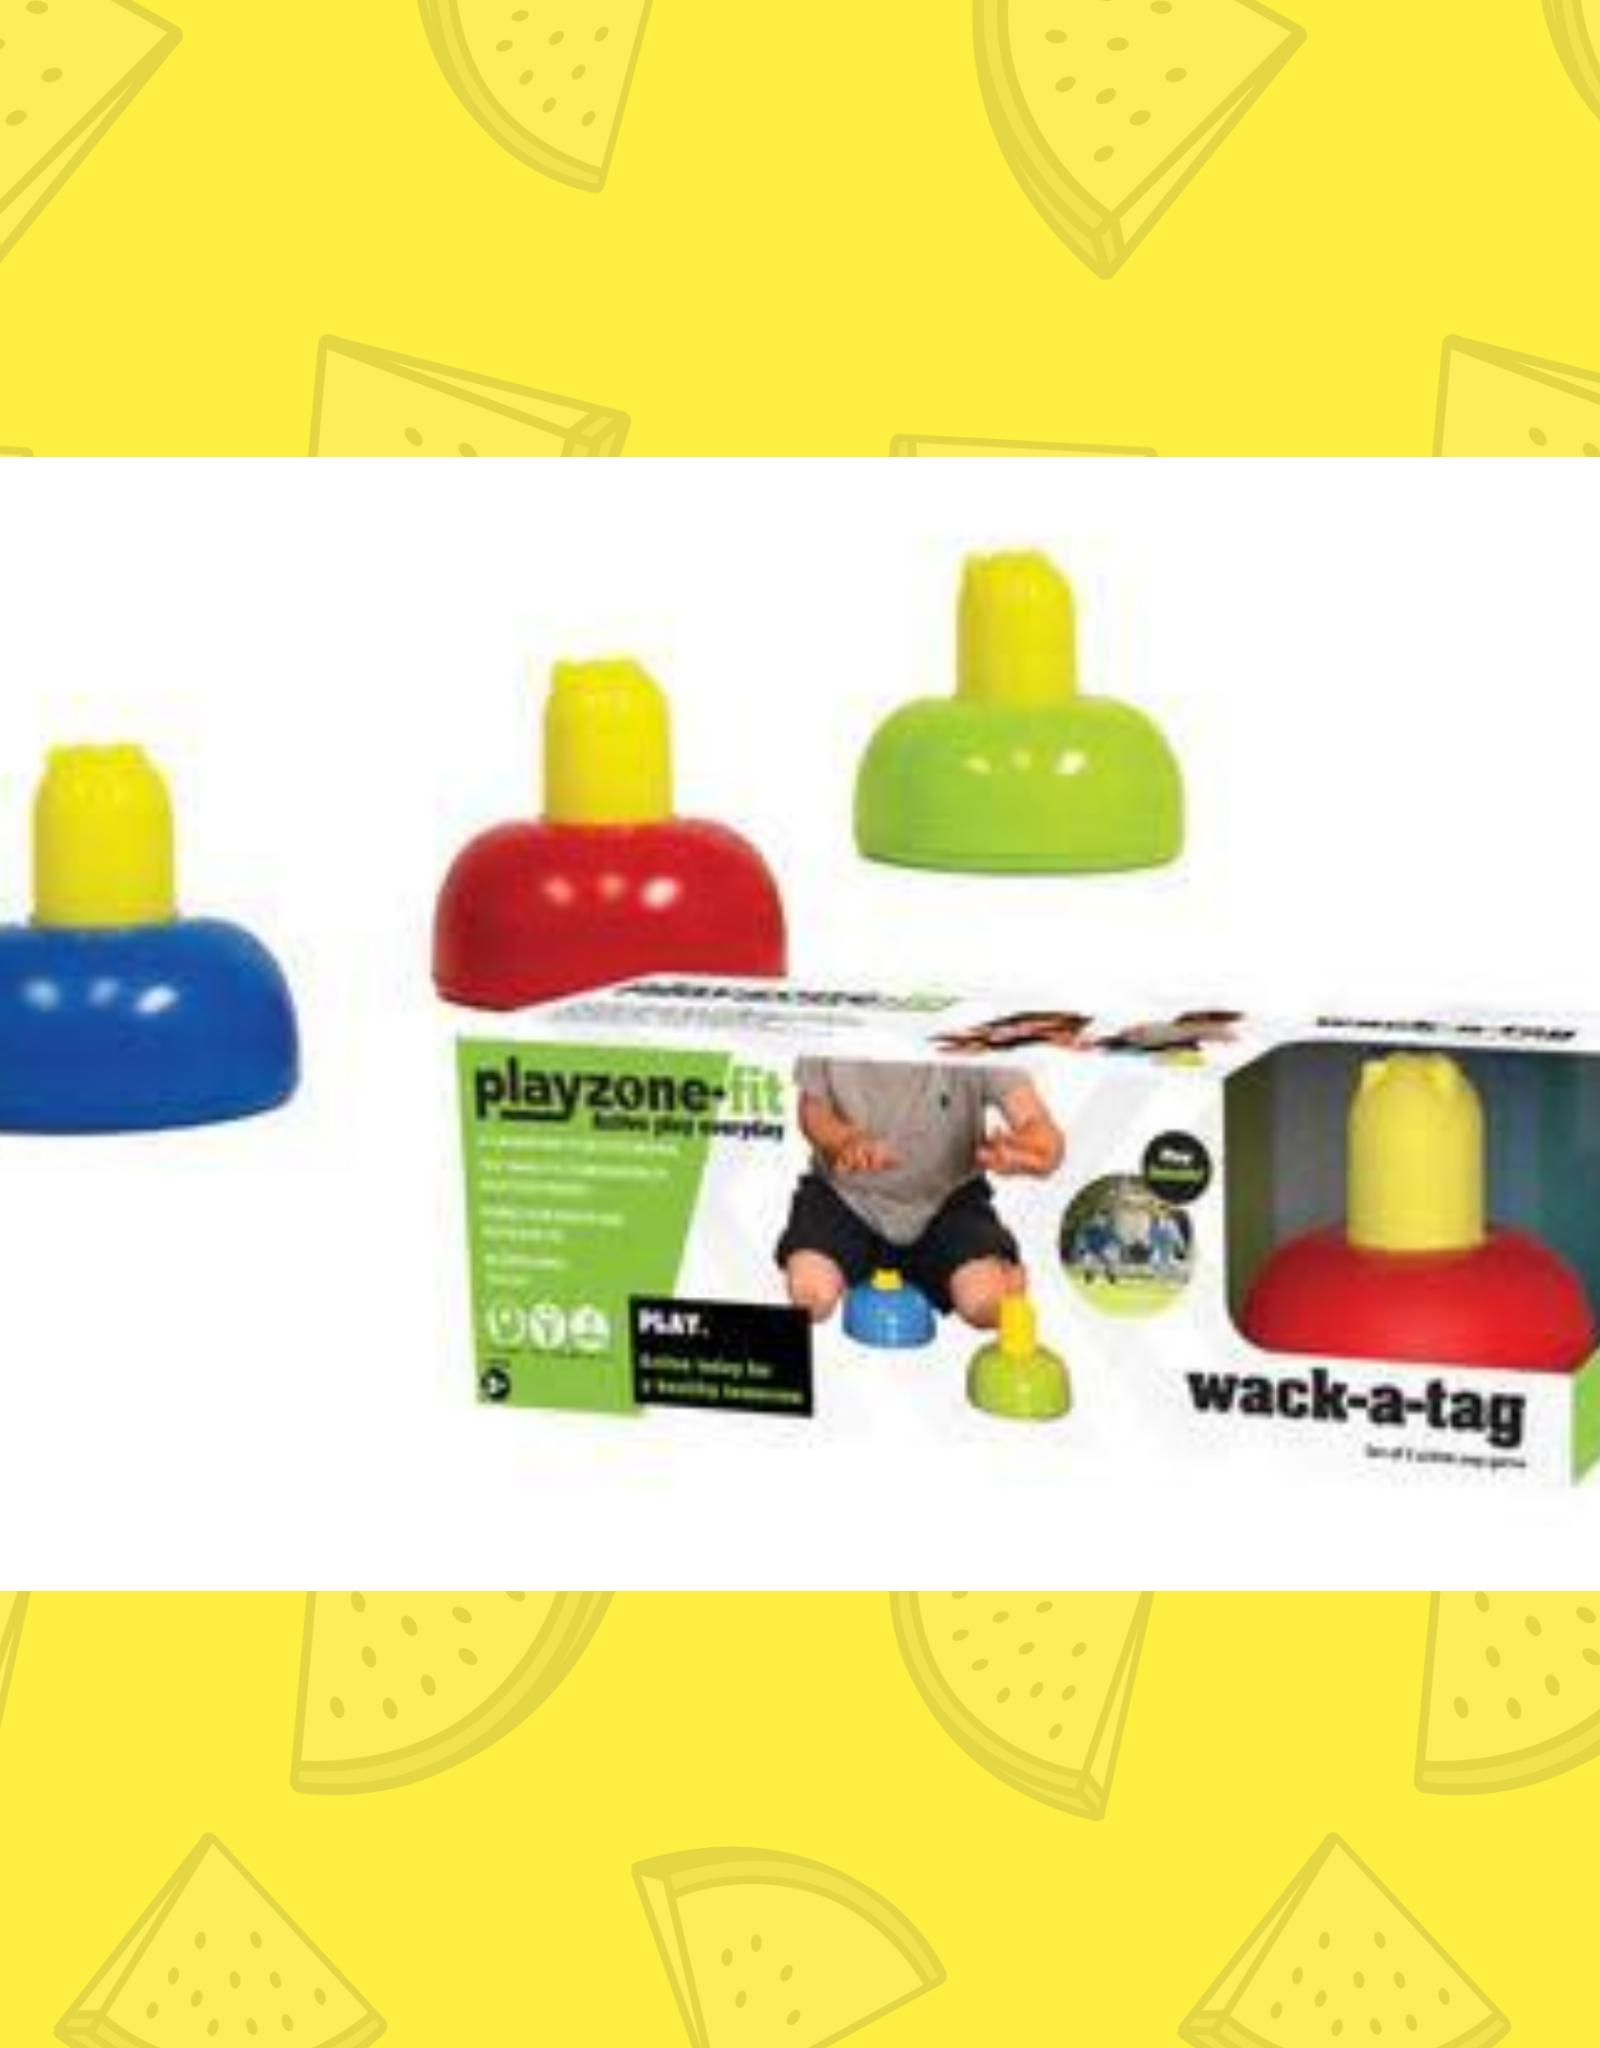 WACK A TAG PLAYZONE